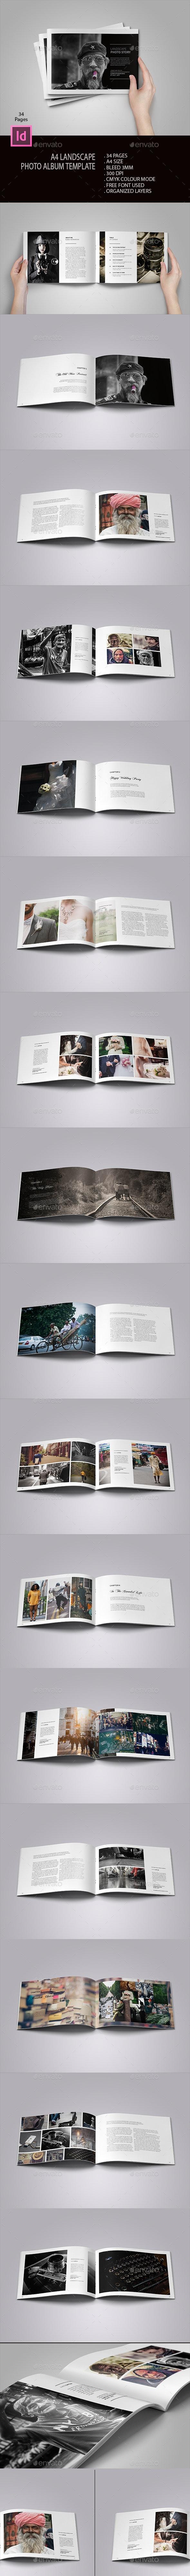 A4 Landscape Photo Album - Photo Albums Print Templates